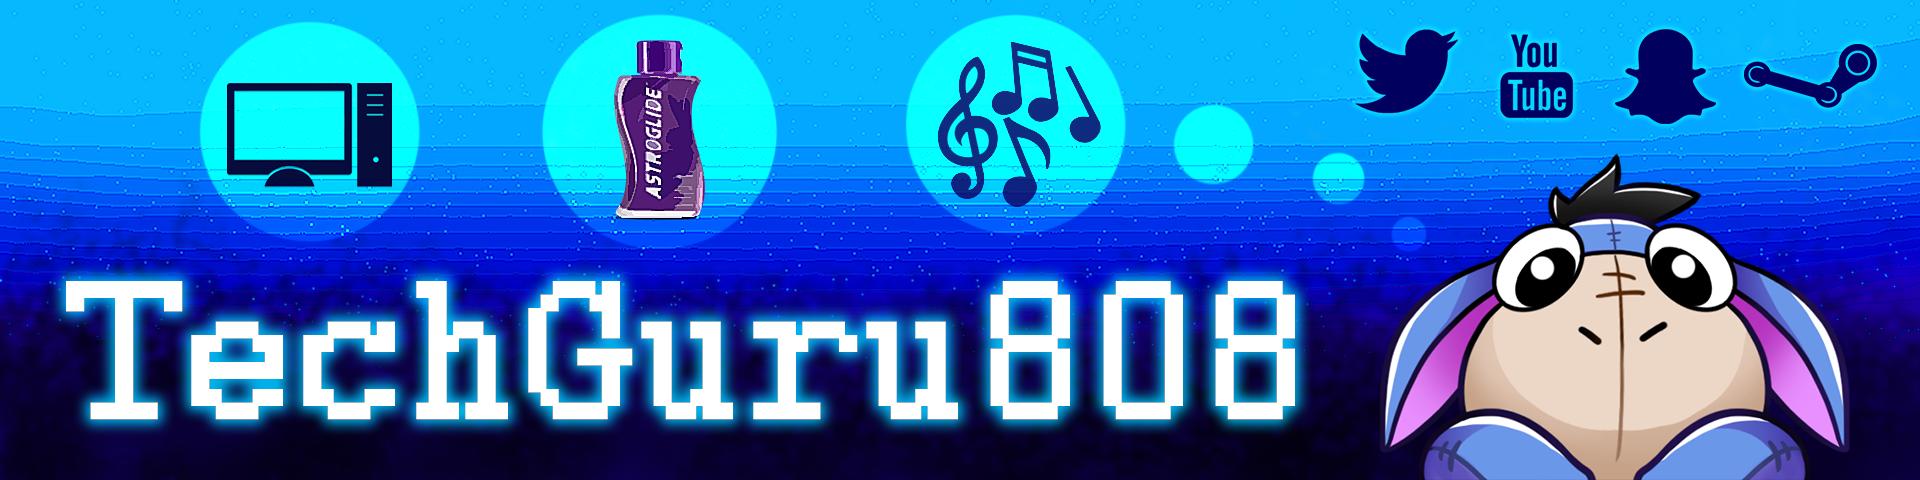 Techguru808